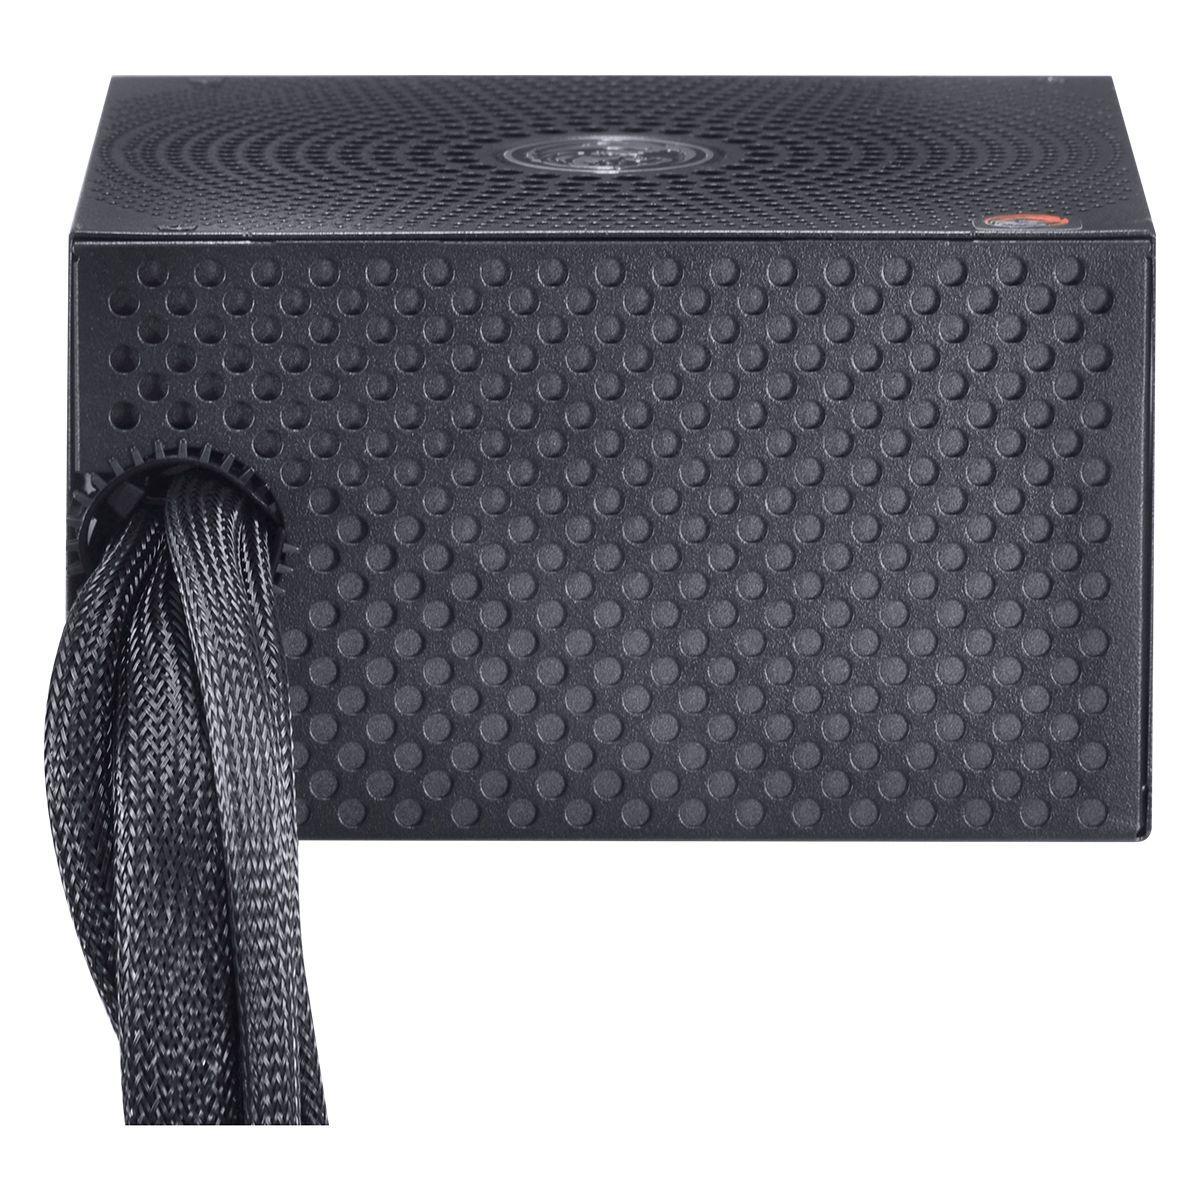 FONTE ATX 500W REAL ELECTRO V2 SERIES 80 PLUS WHITE 3 ANOS - ELV2WHPTO500W